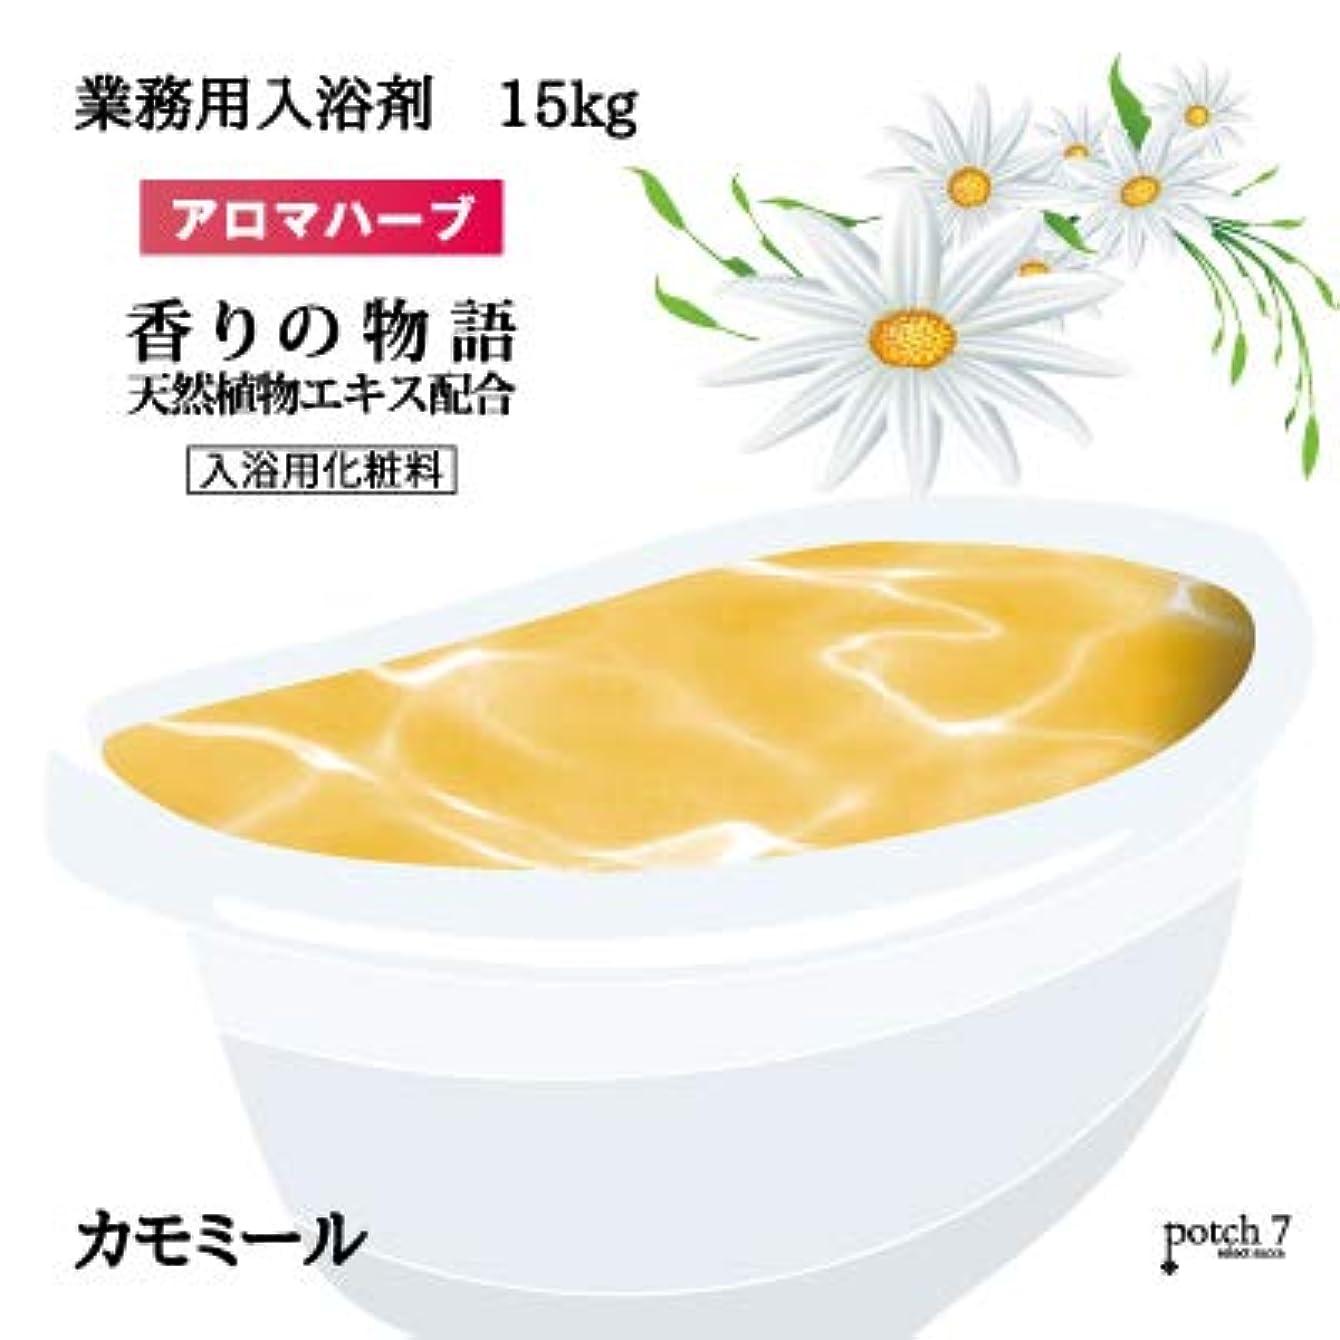 ゴルフ安心させるマート業務用入浴剤「カモミール」15Kg(7.5Kgx2袋入)GYM-KM